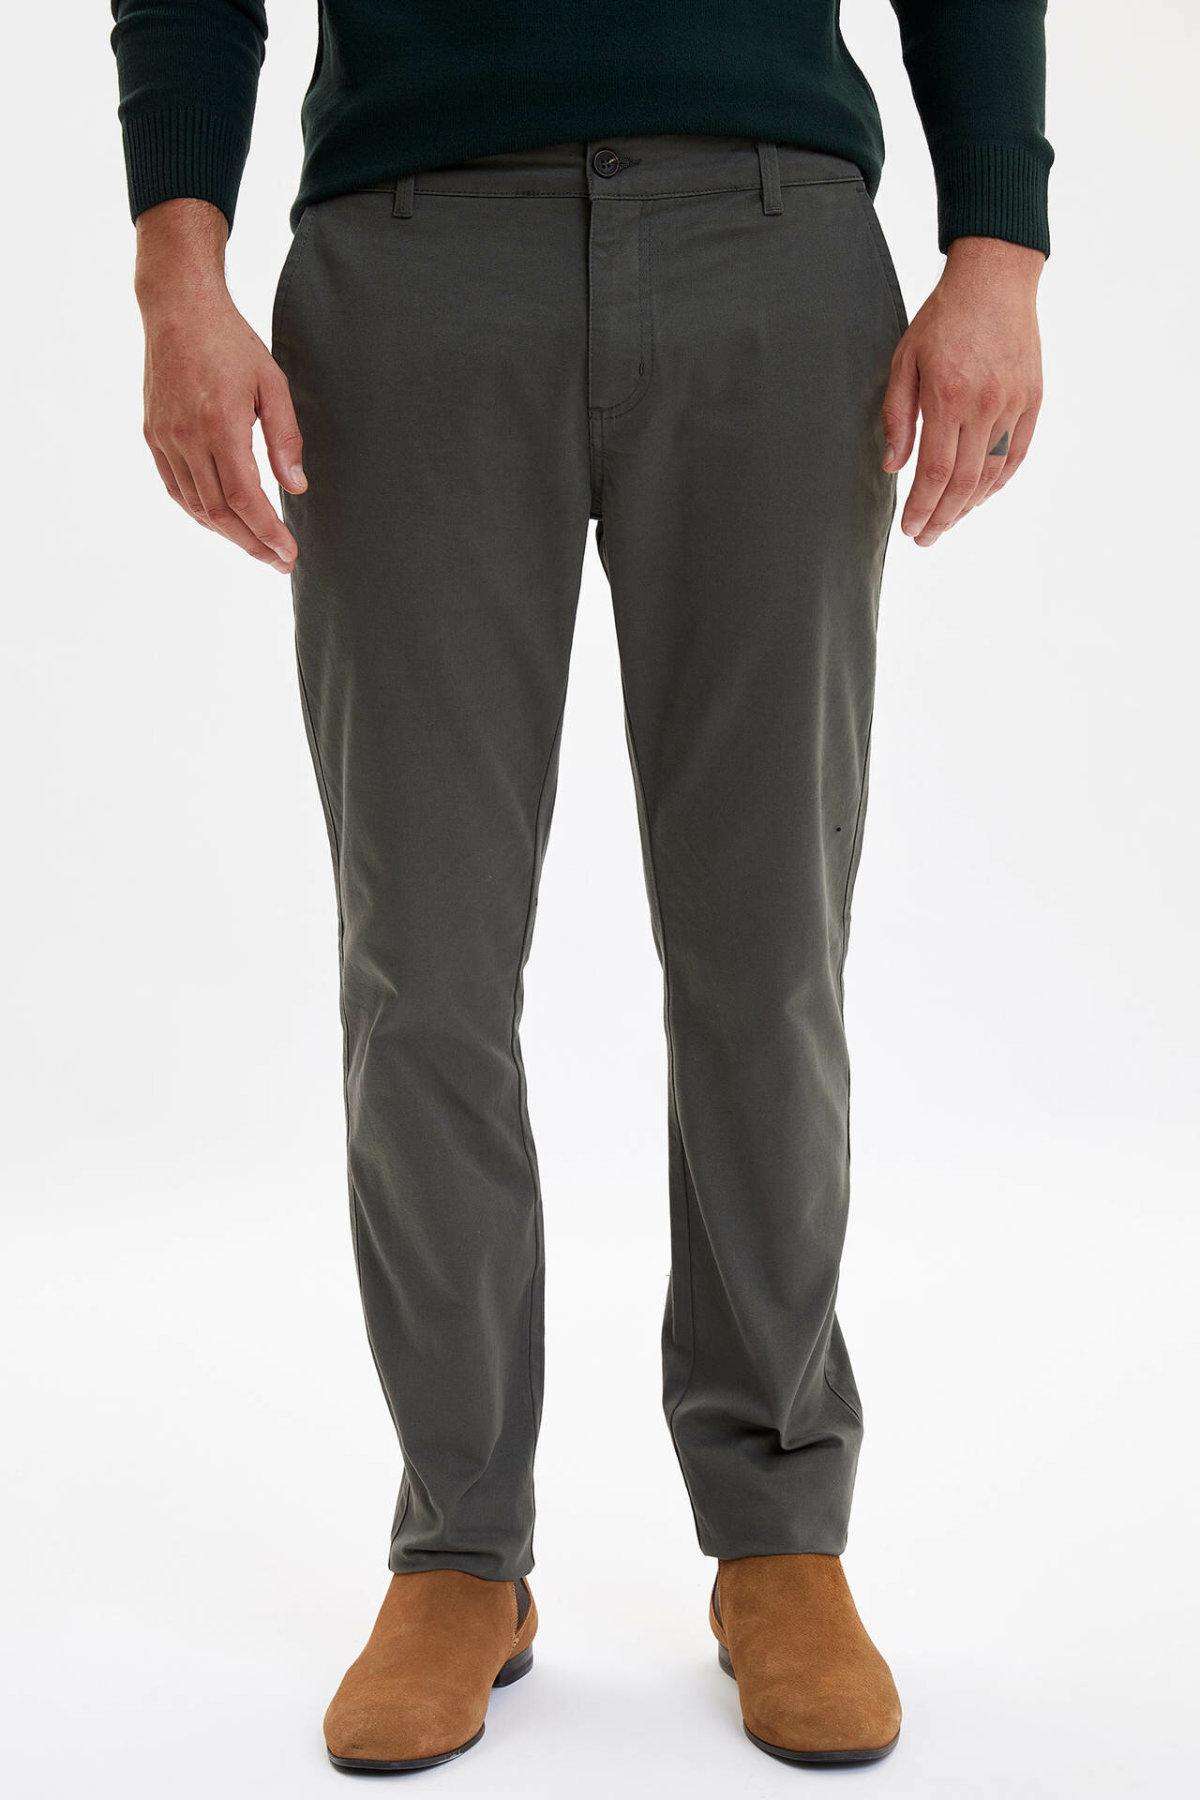 DeFacto New Man Trousers Business Straight Long Pants Mid-waist Solid Color Men's Bottoms Pockets Long Pants - L5511AZ19AU